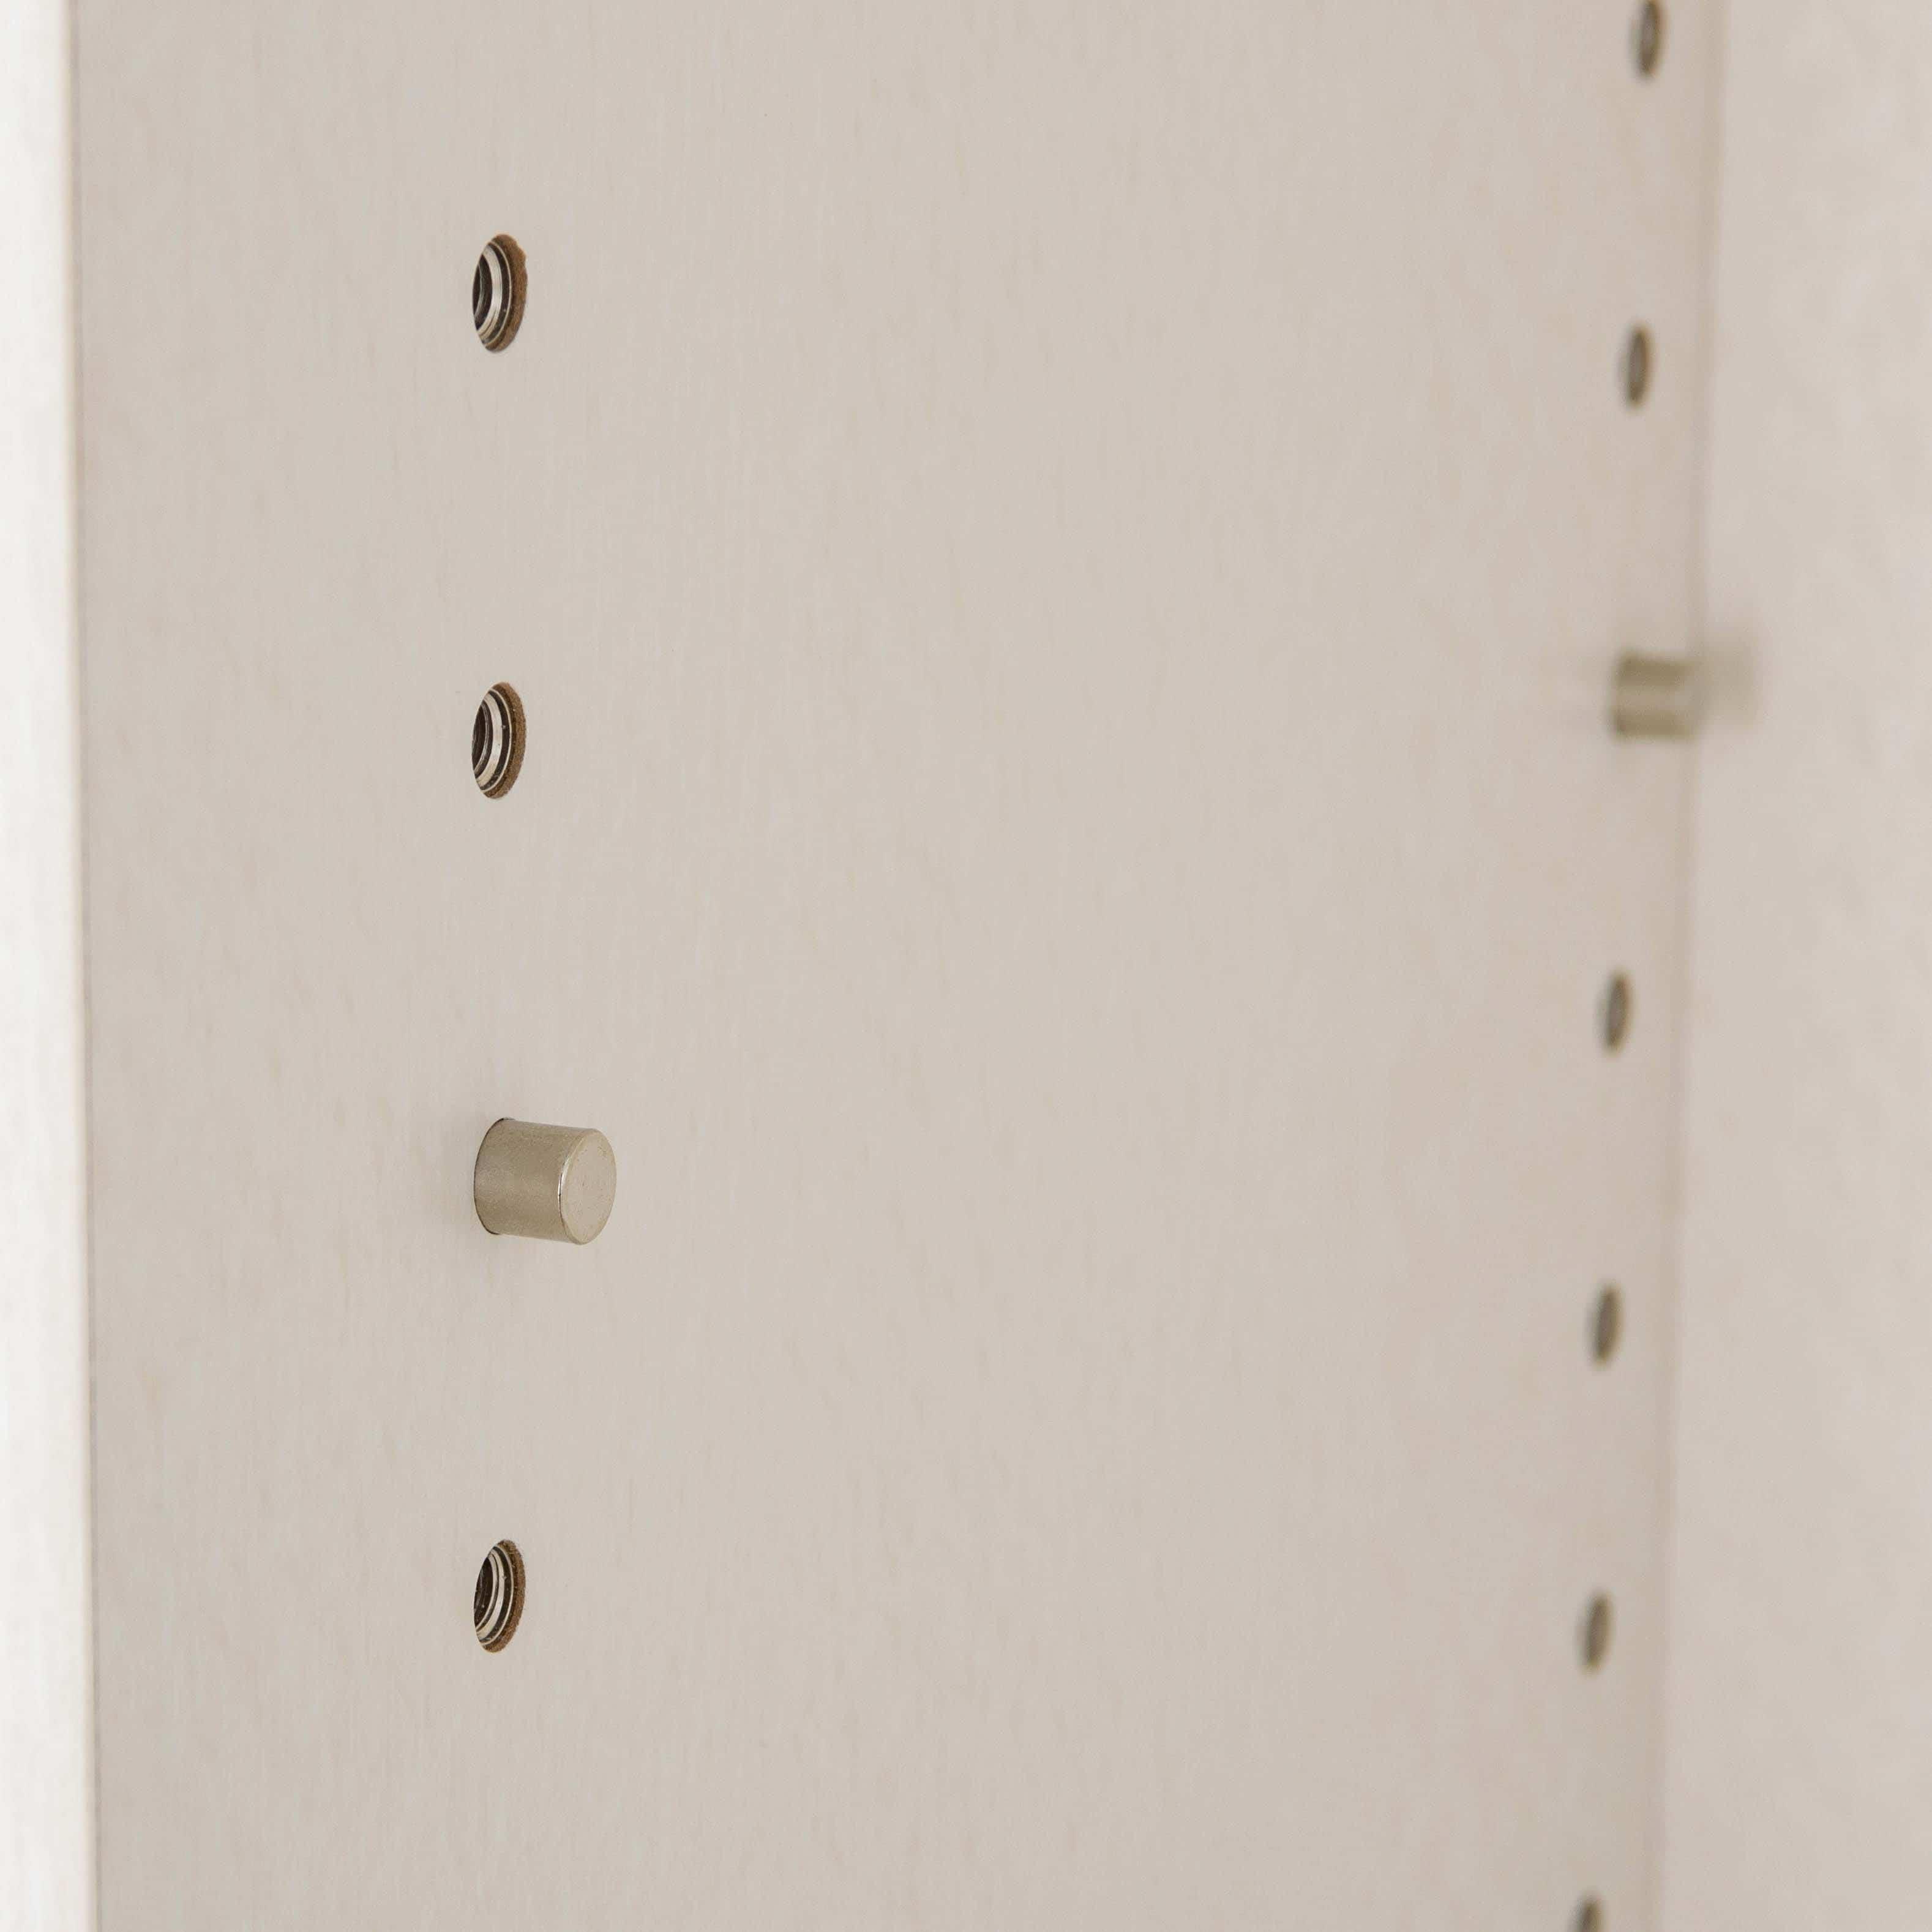 小島工芸 引出 アコード105用(ホワイト):キレイに収まる魅せる収納